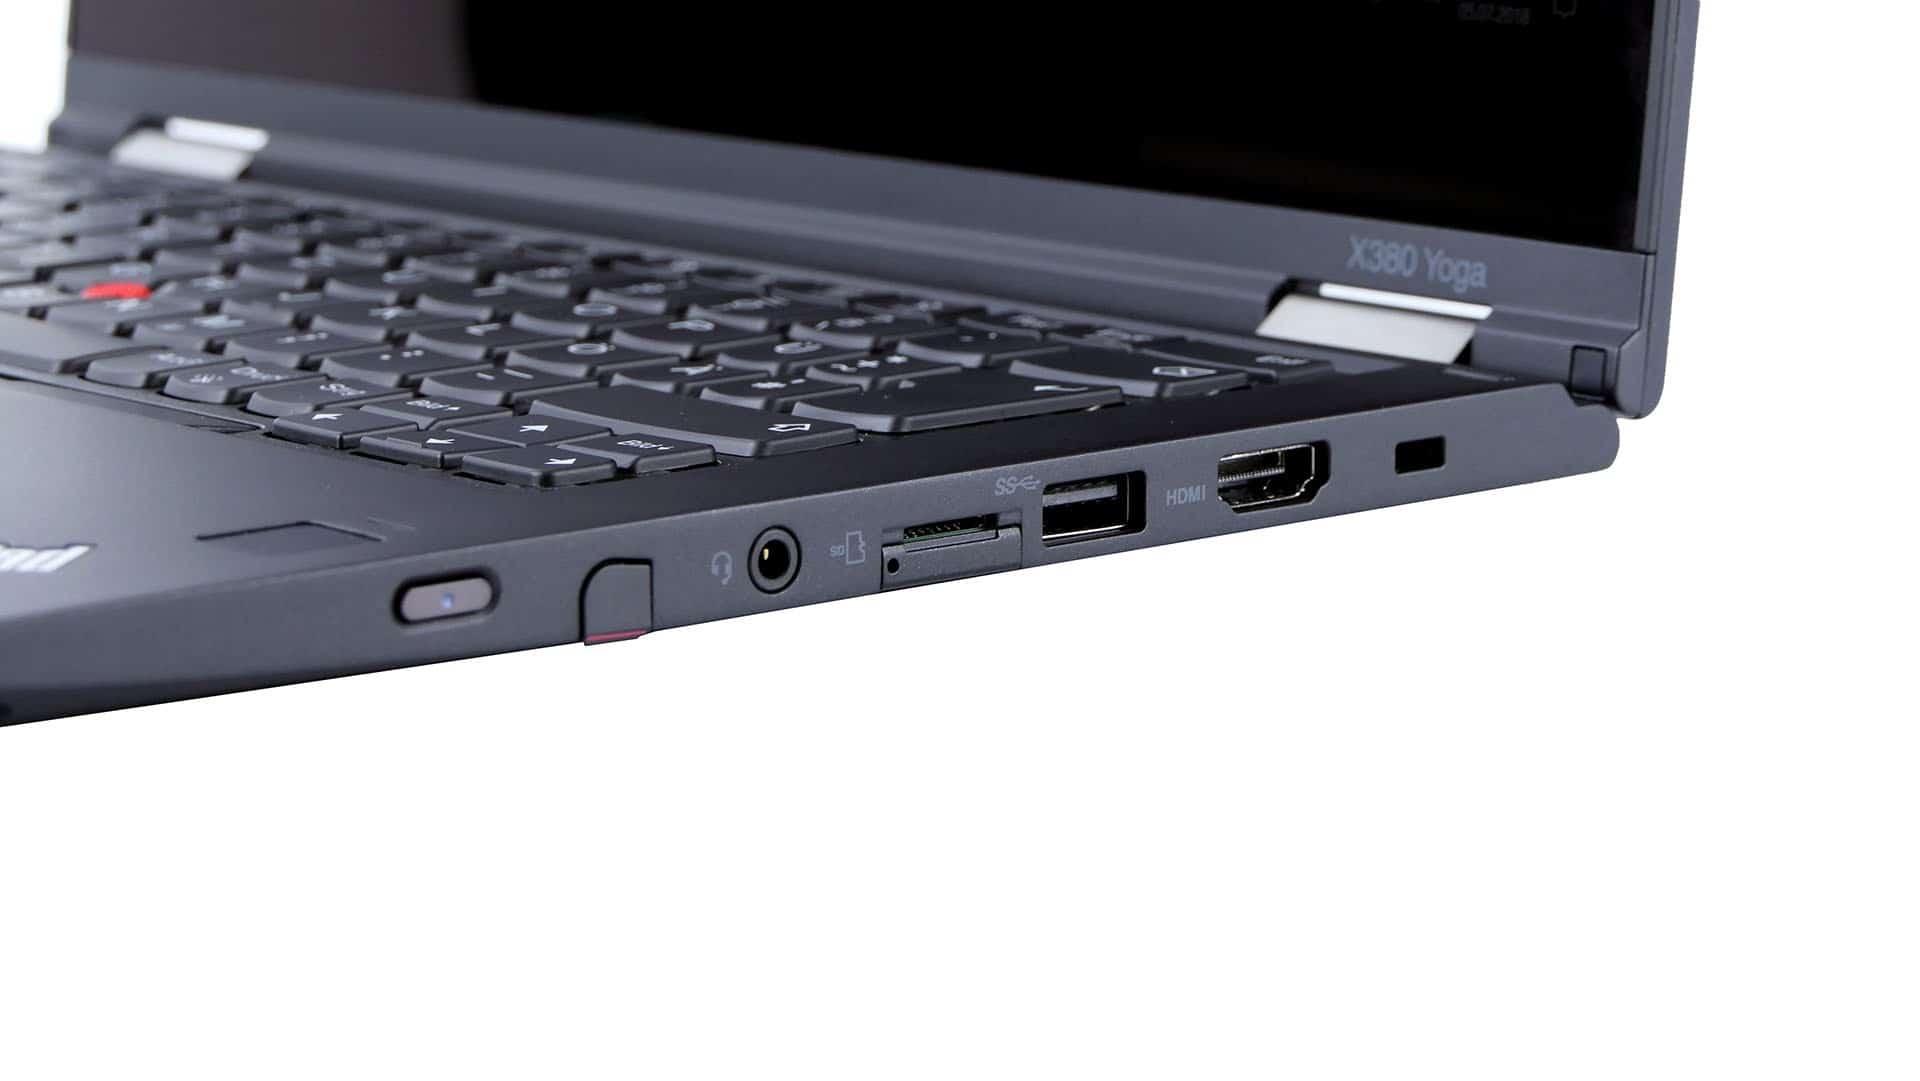 Porty islotyna prawym boku - slot dla piórka , combo jack, slot nakartę SIM, USB 3.0, HDMI